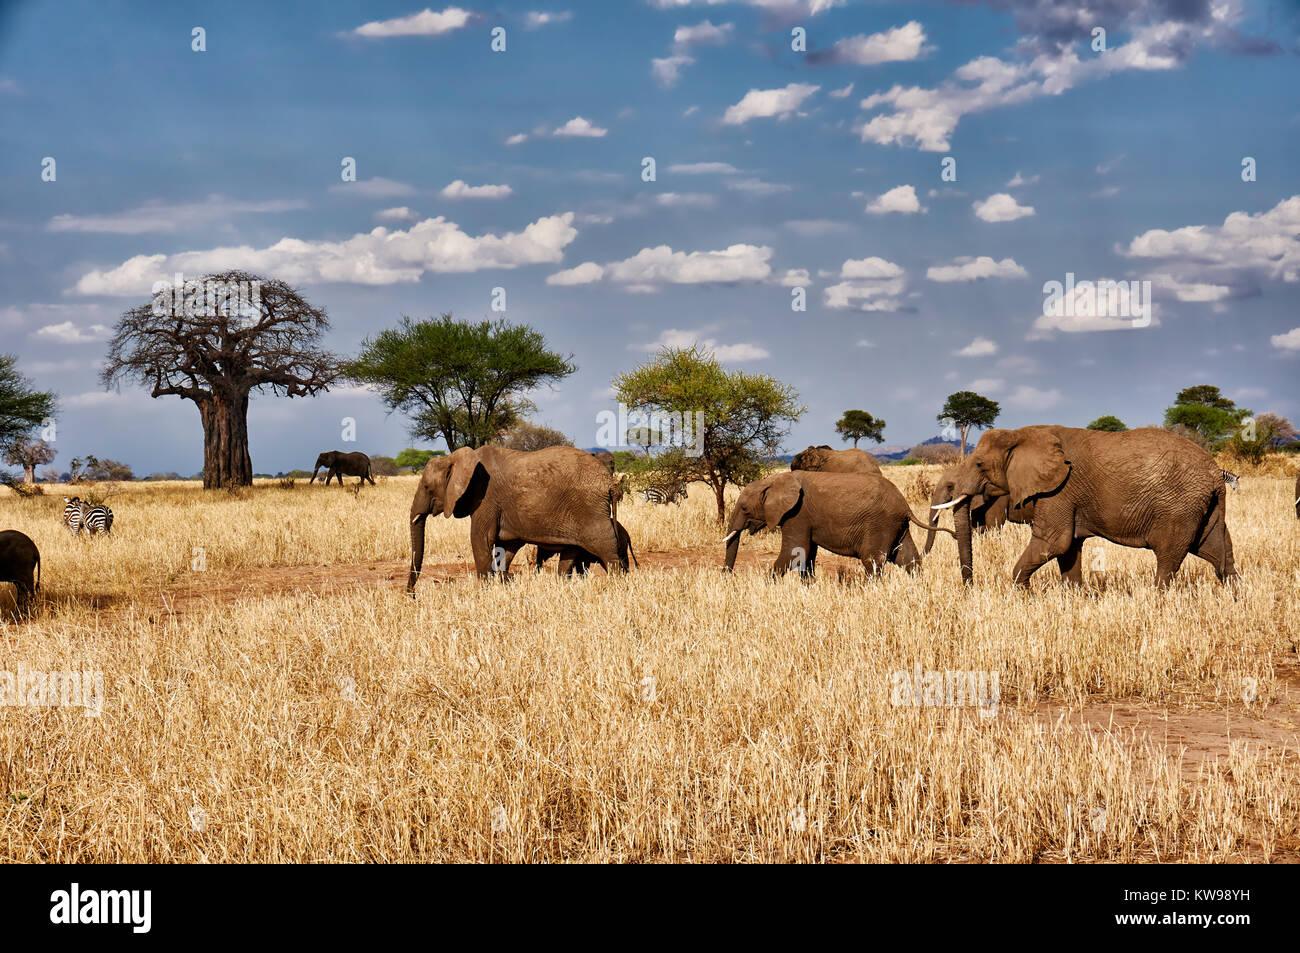 Bush d'Afrique, Loxodonta africana, l'éléphant dans le parc national de Tarangire, Tanzania, Africa Photo Stock